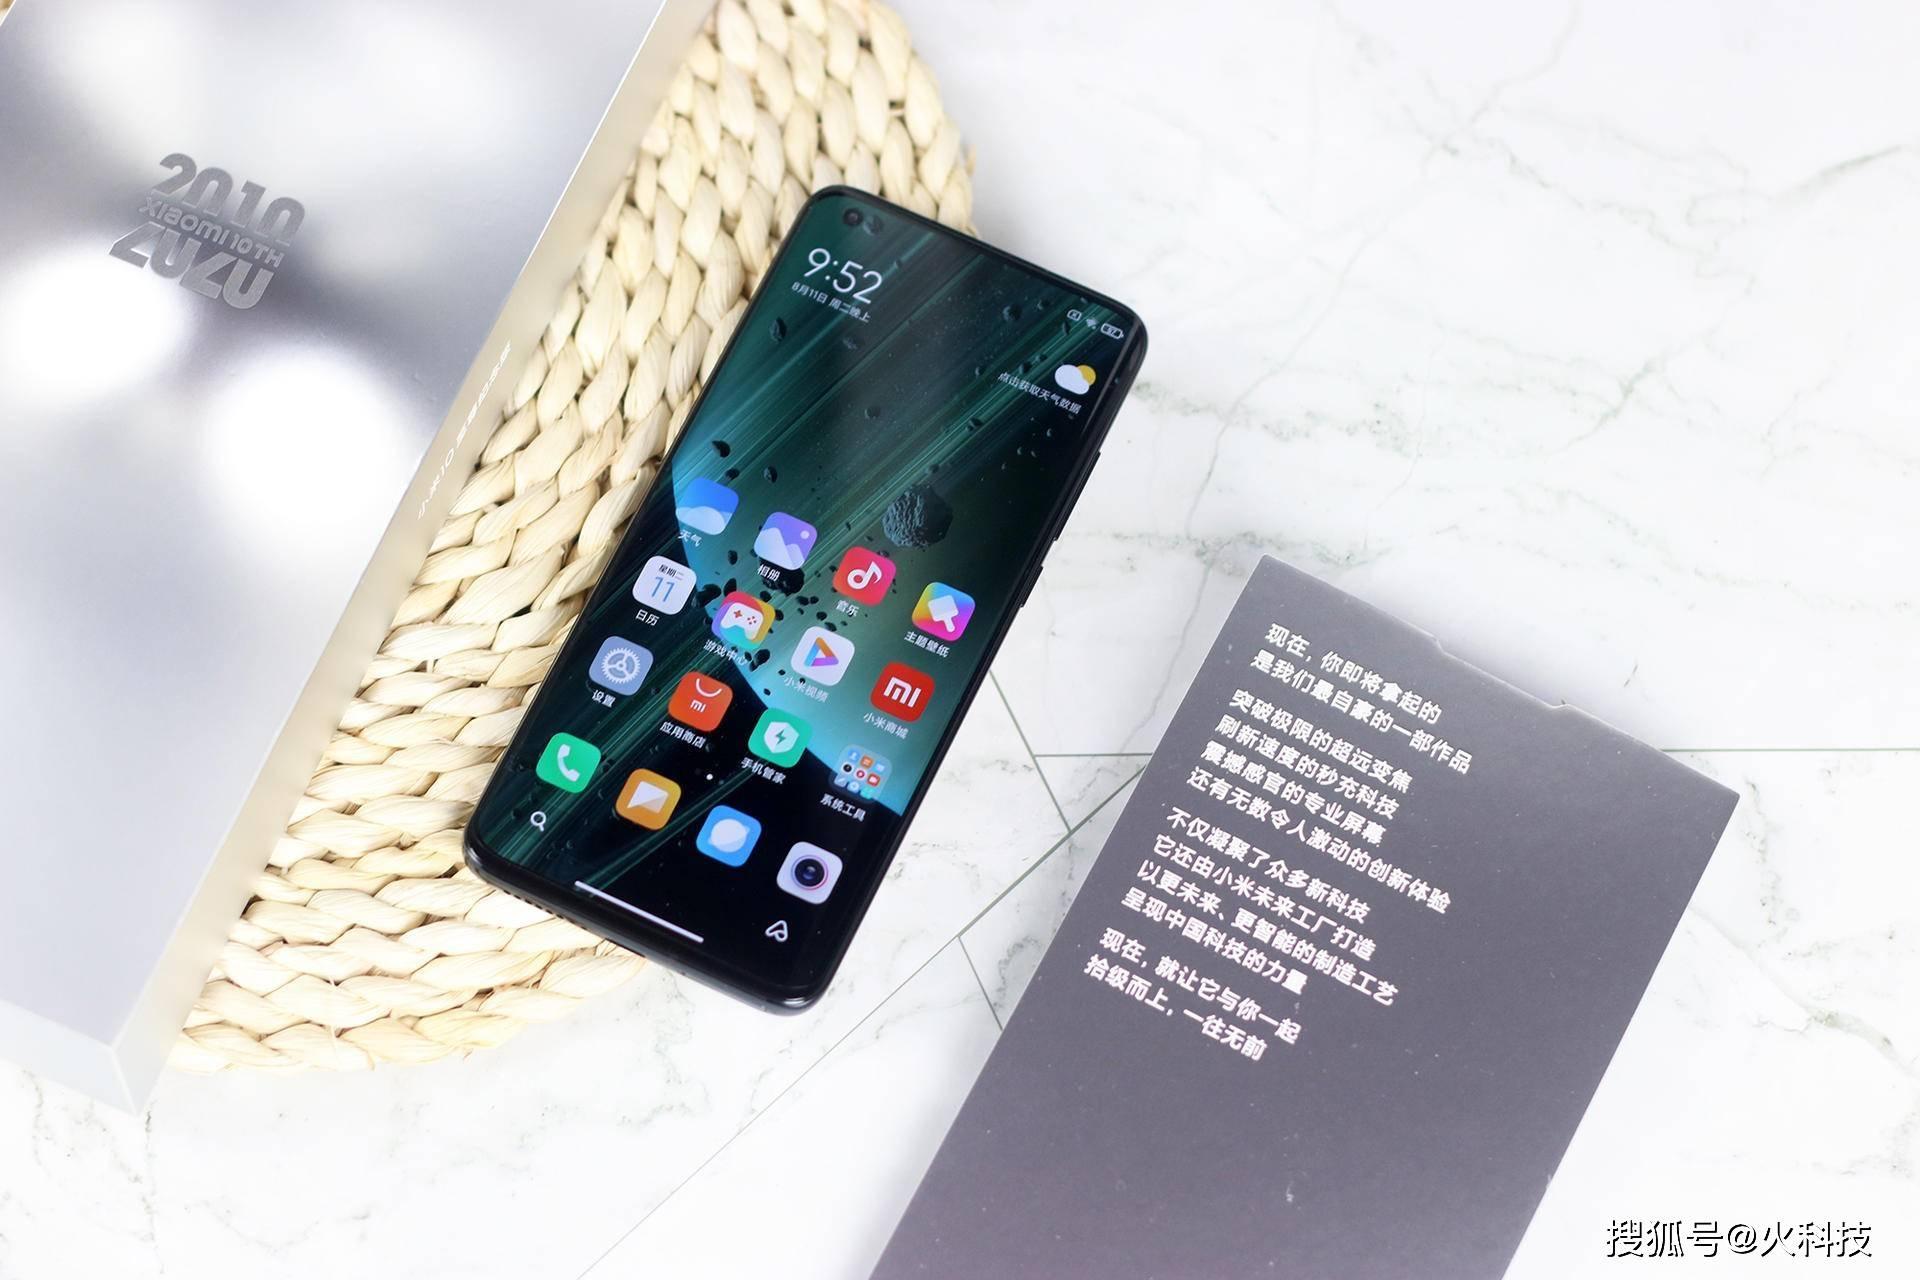 2020年我心中最强安卓旗舰机皇手机,这三款佼佼者手机你用过吗?